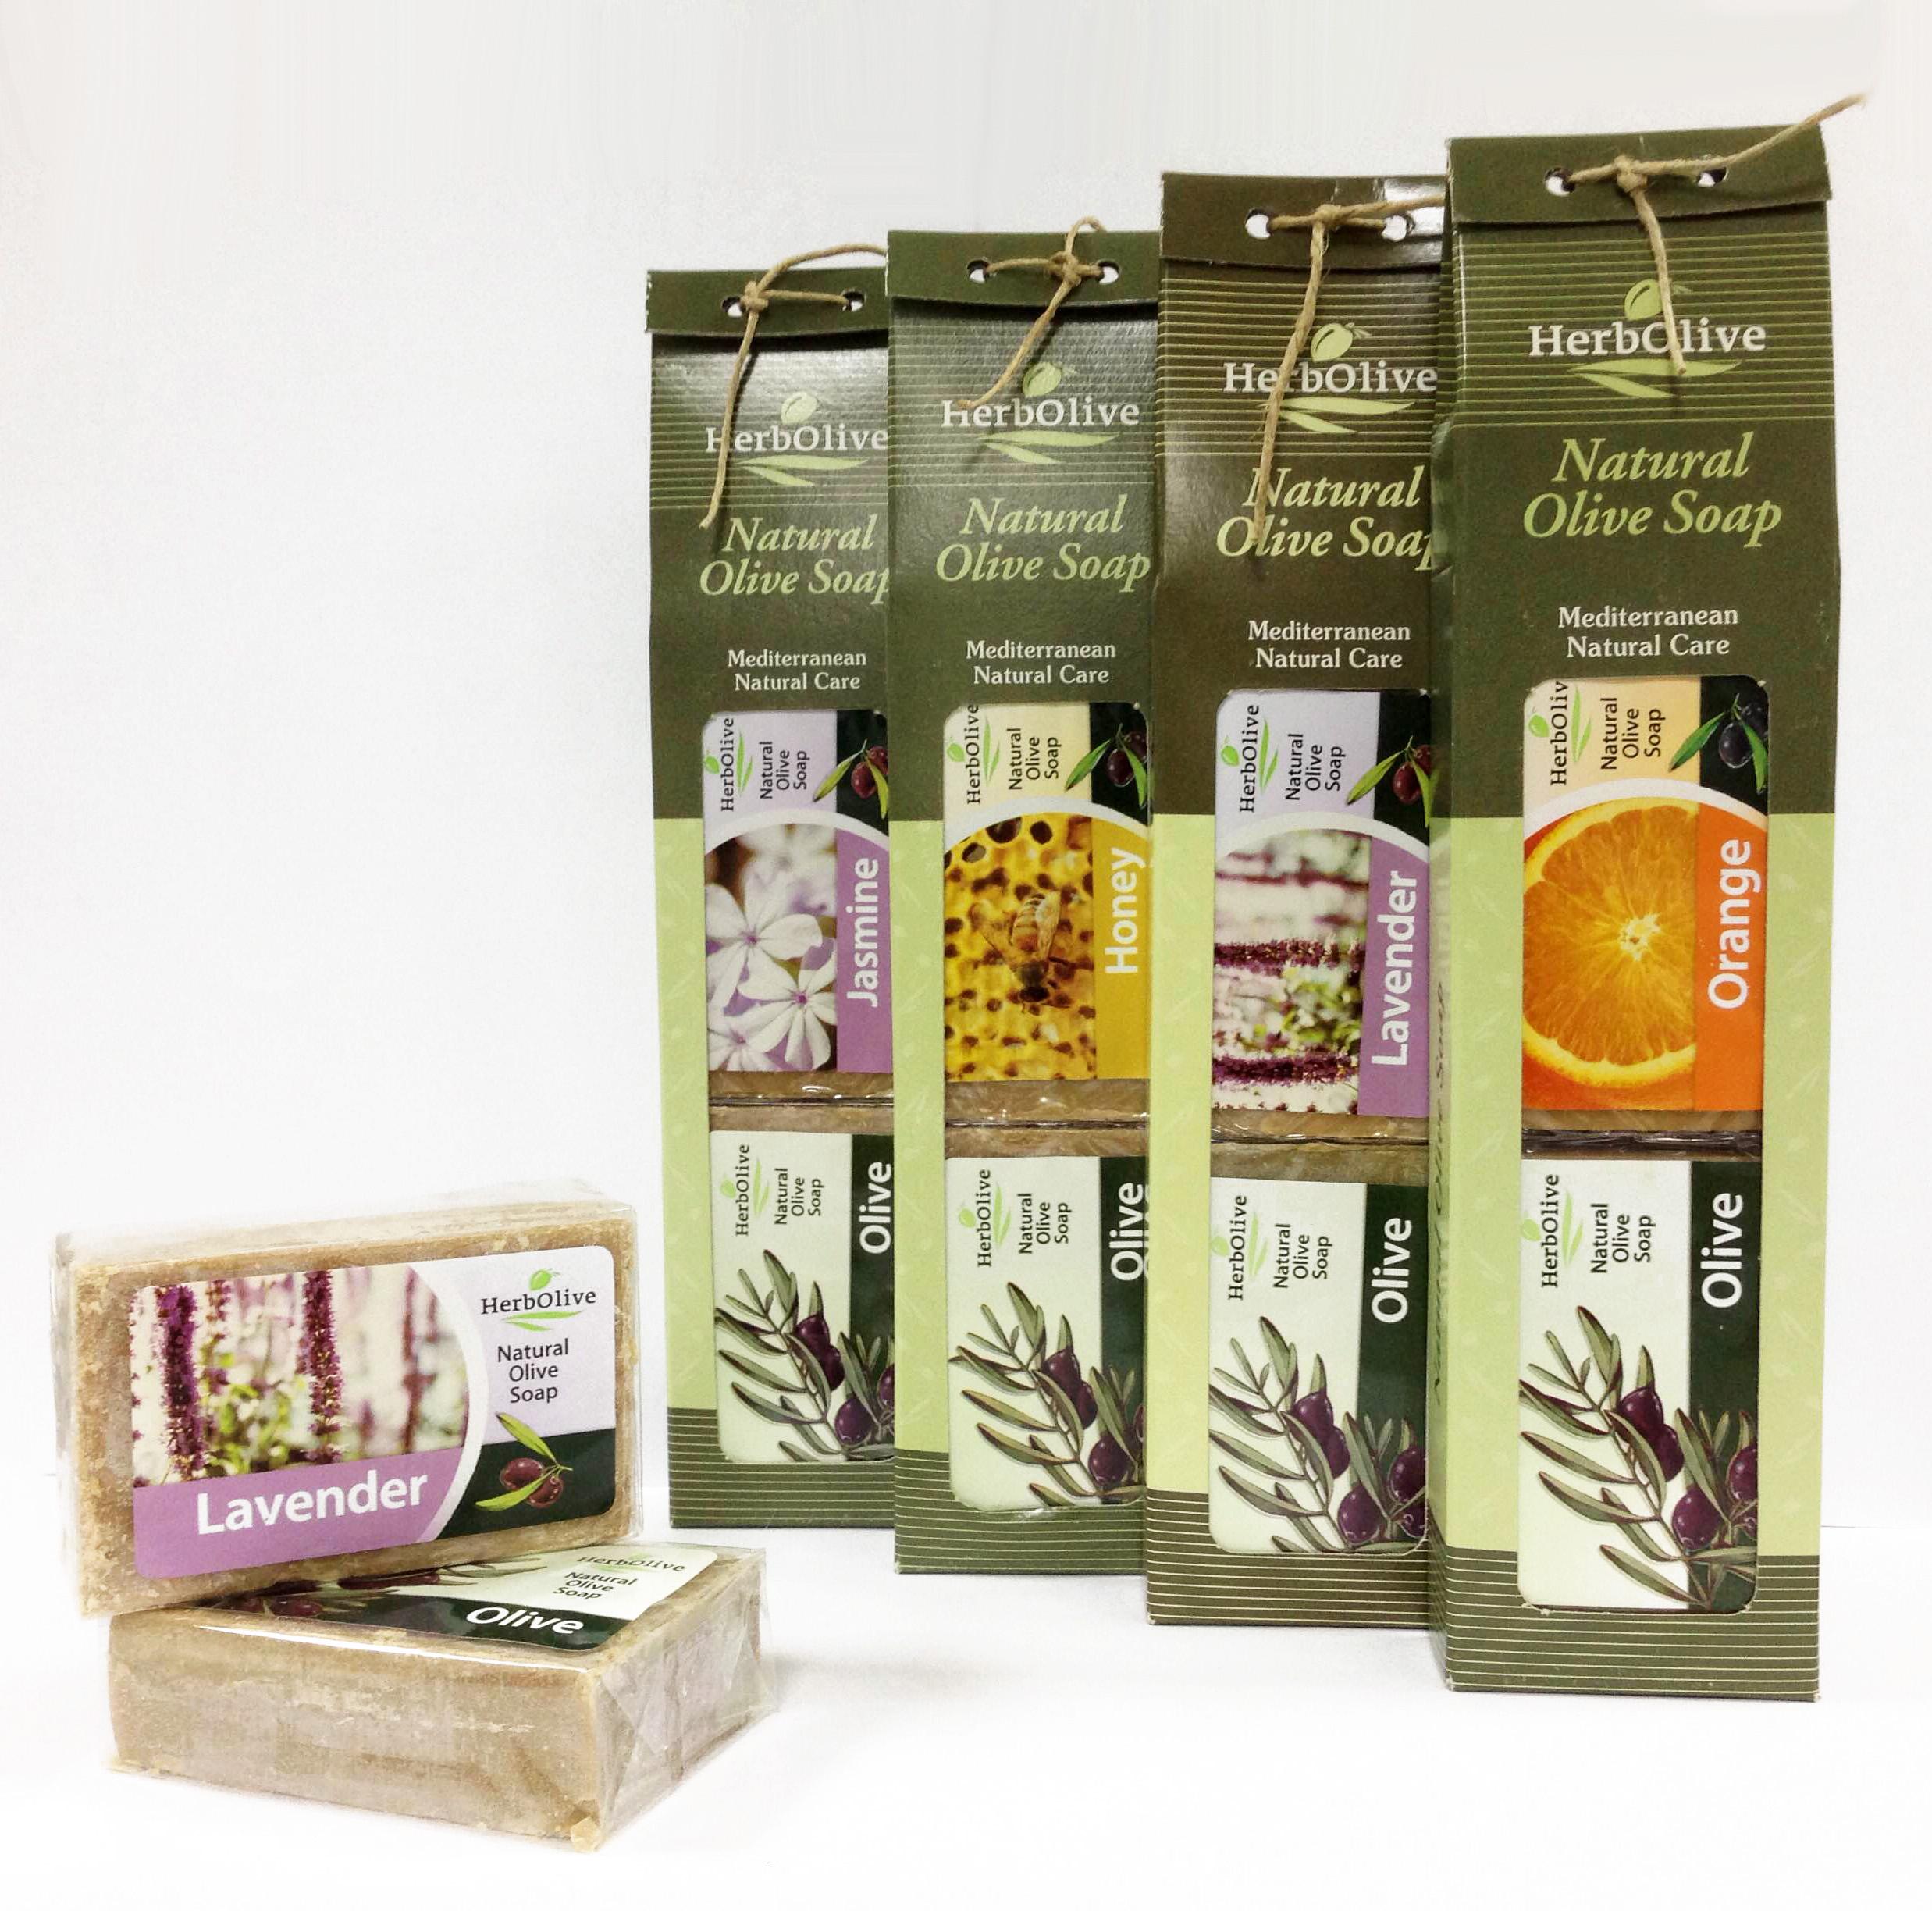 Мыло натуральное на оливковом масле (набор 2 шт.: оливковое масло + с ароматом)Уход за телом<br><br><br>Размер: Лаванда